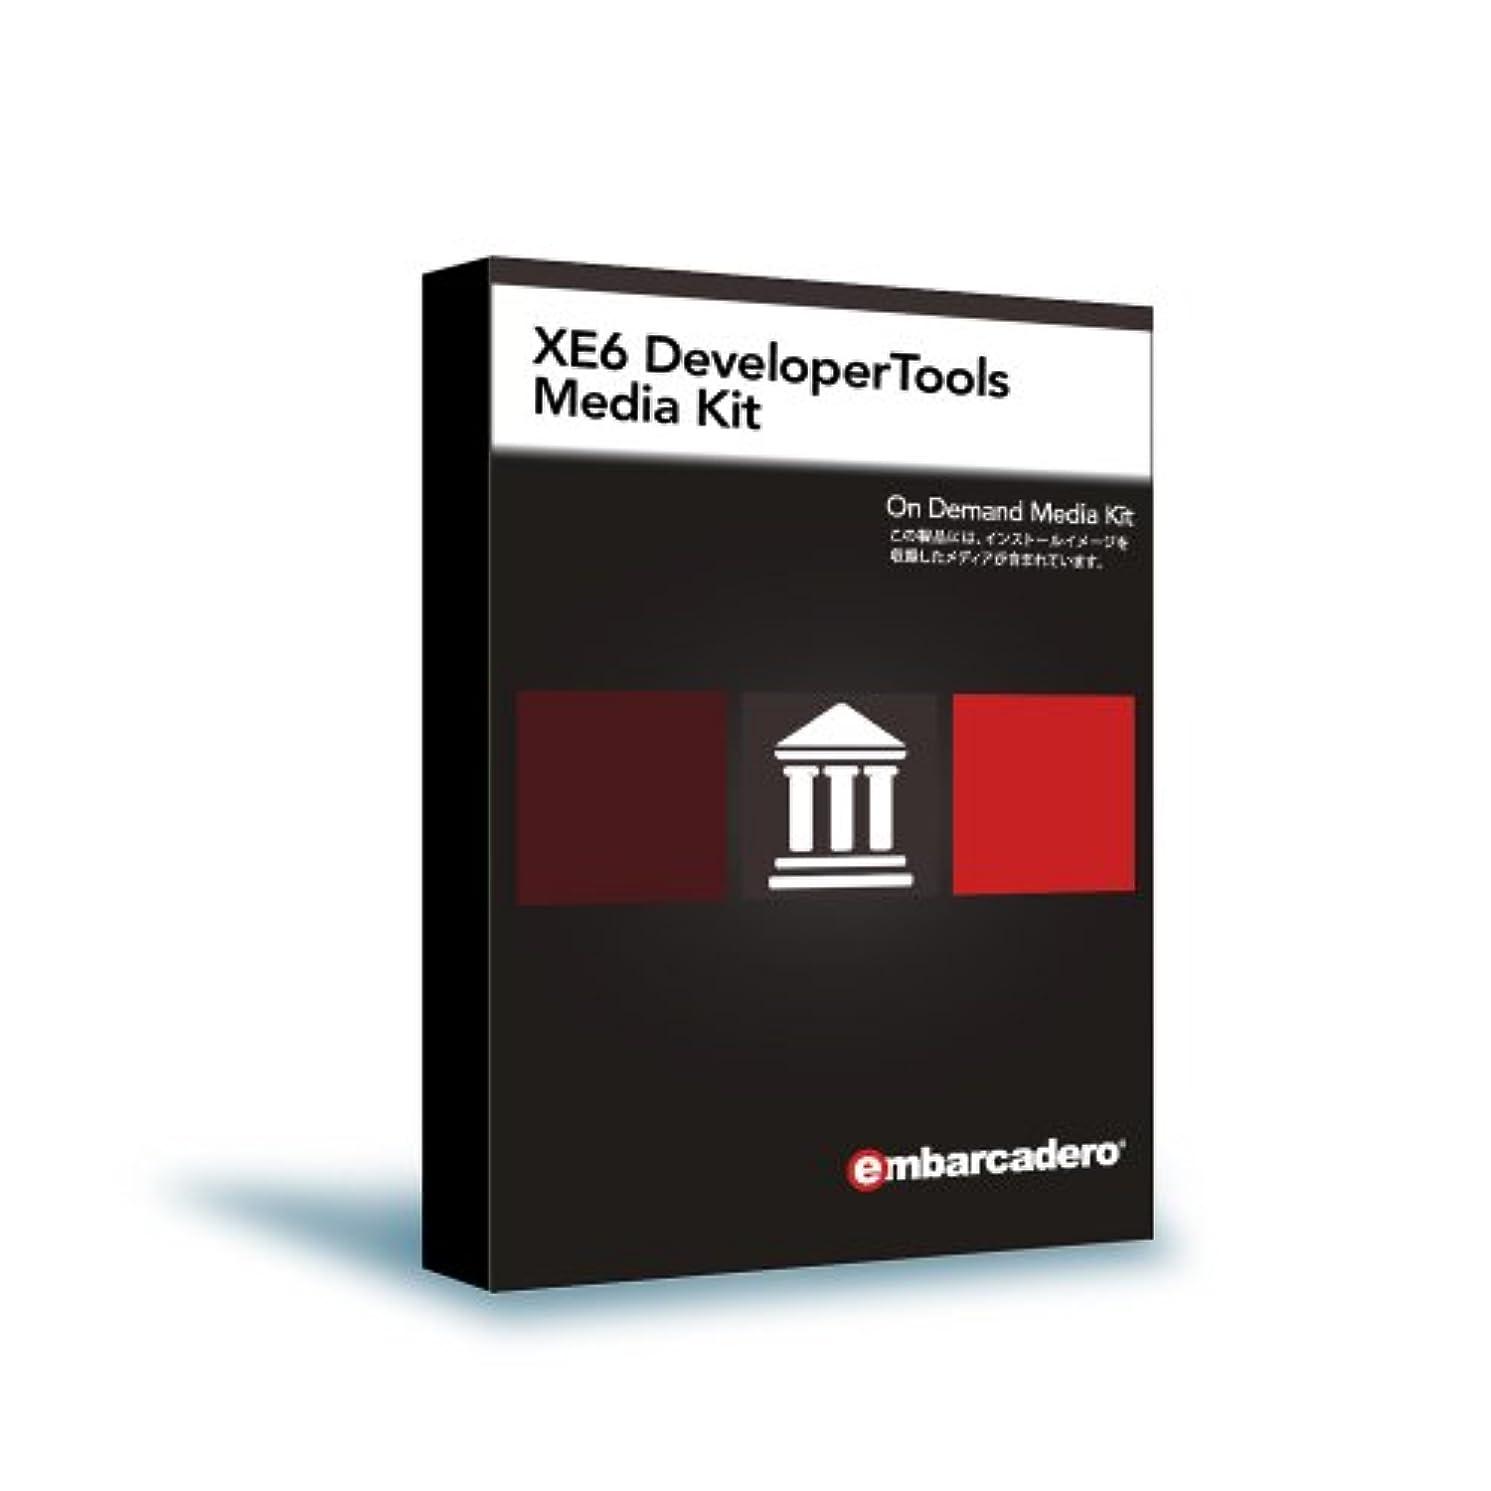 大惨事時ソートエンバカデロ?テクノロジーズ XE6 Developer Tools Media Kit